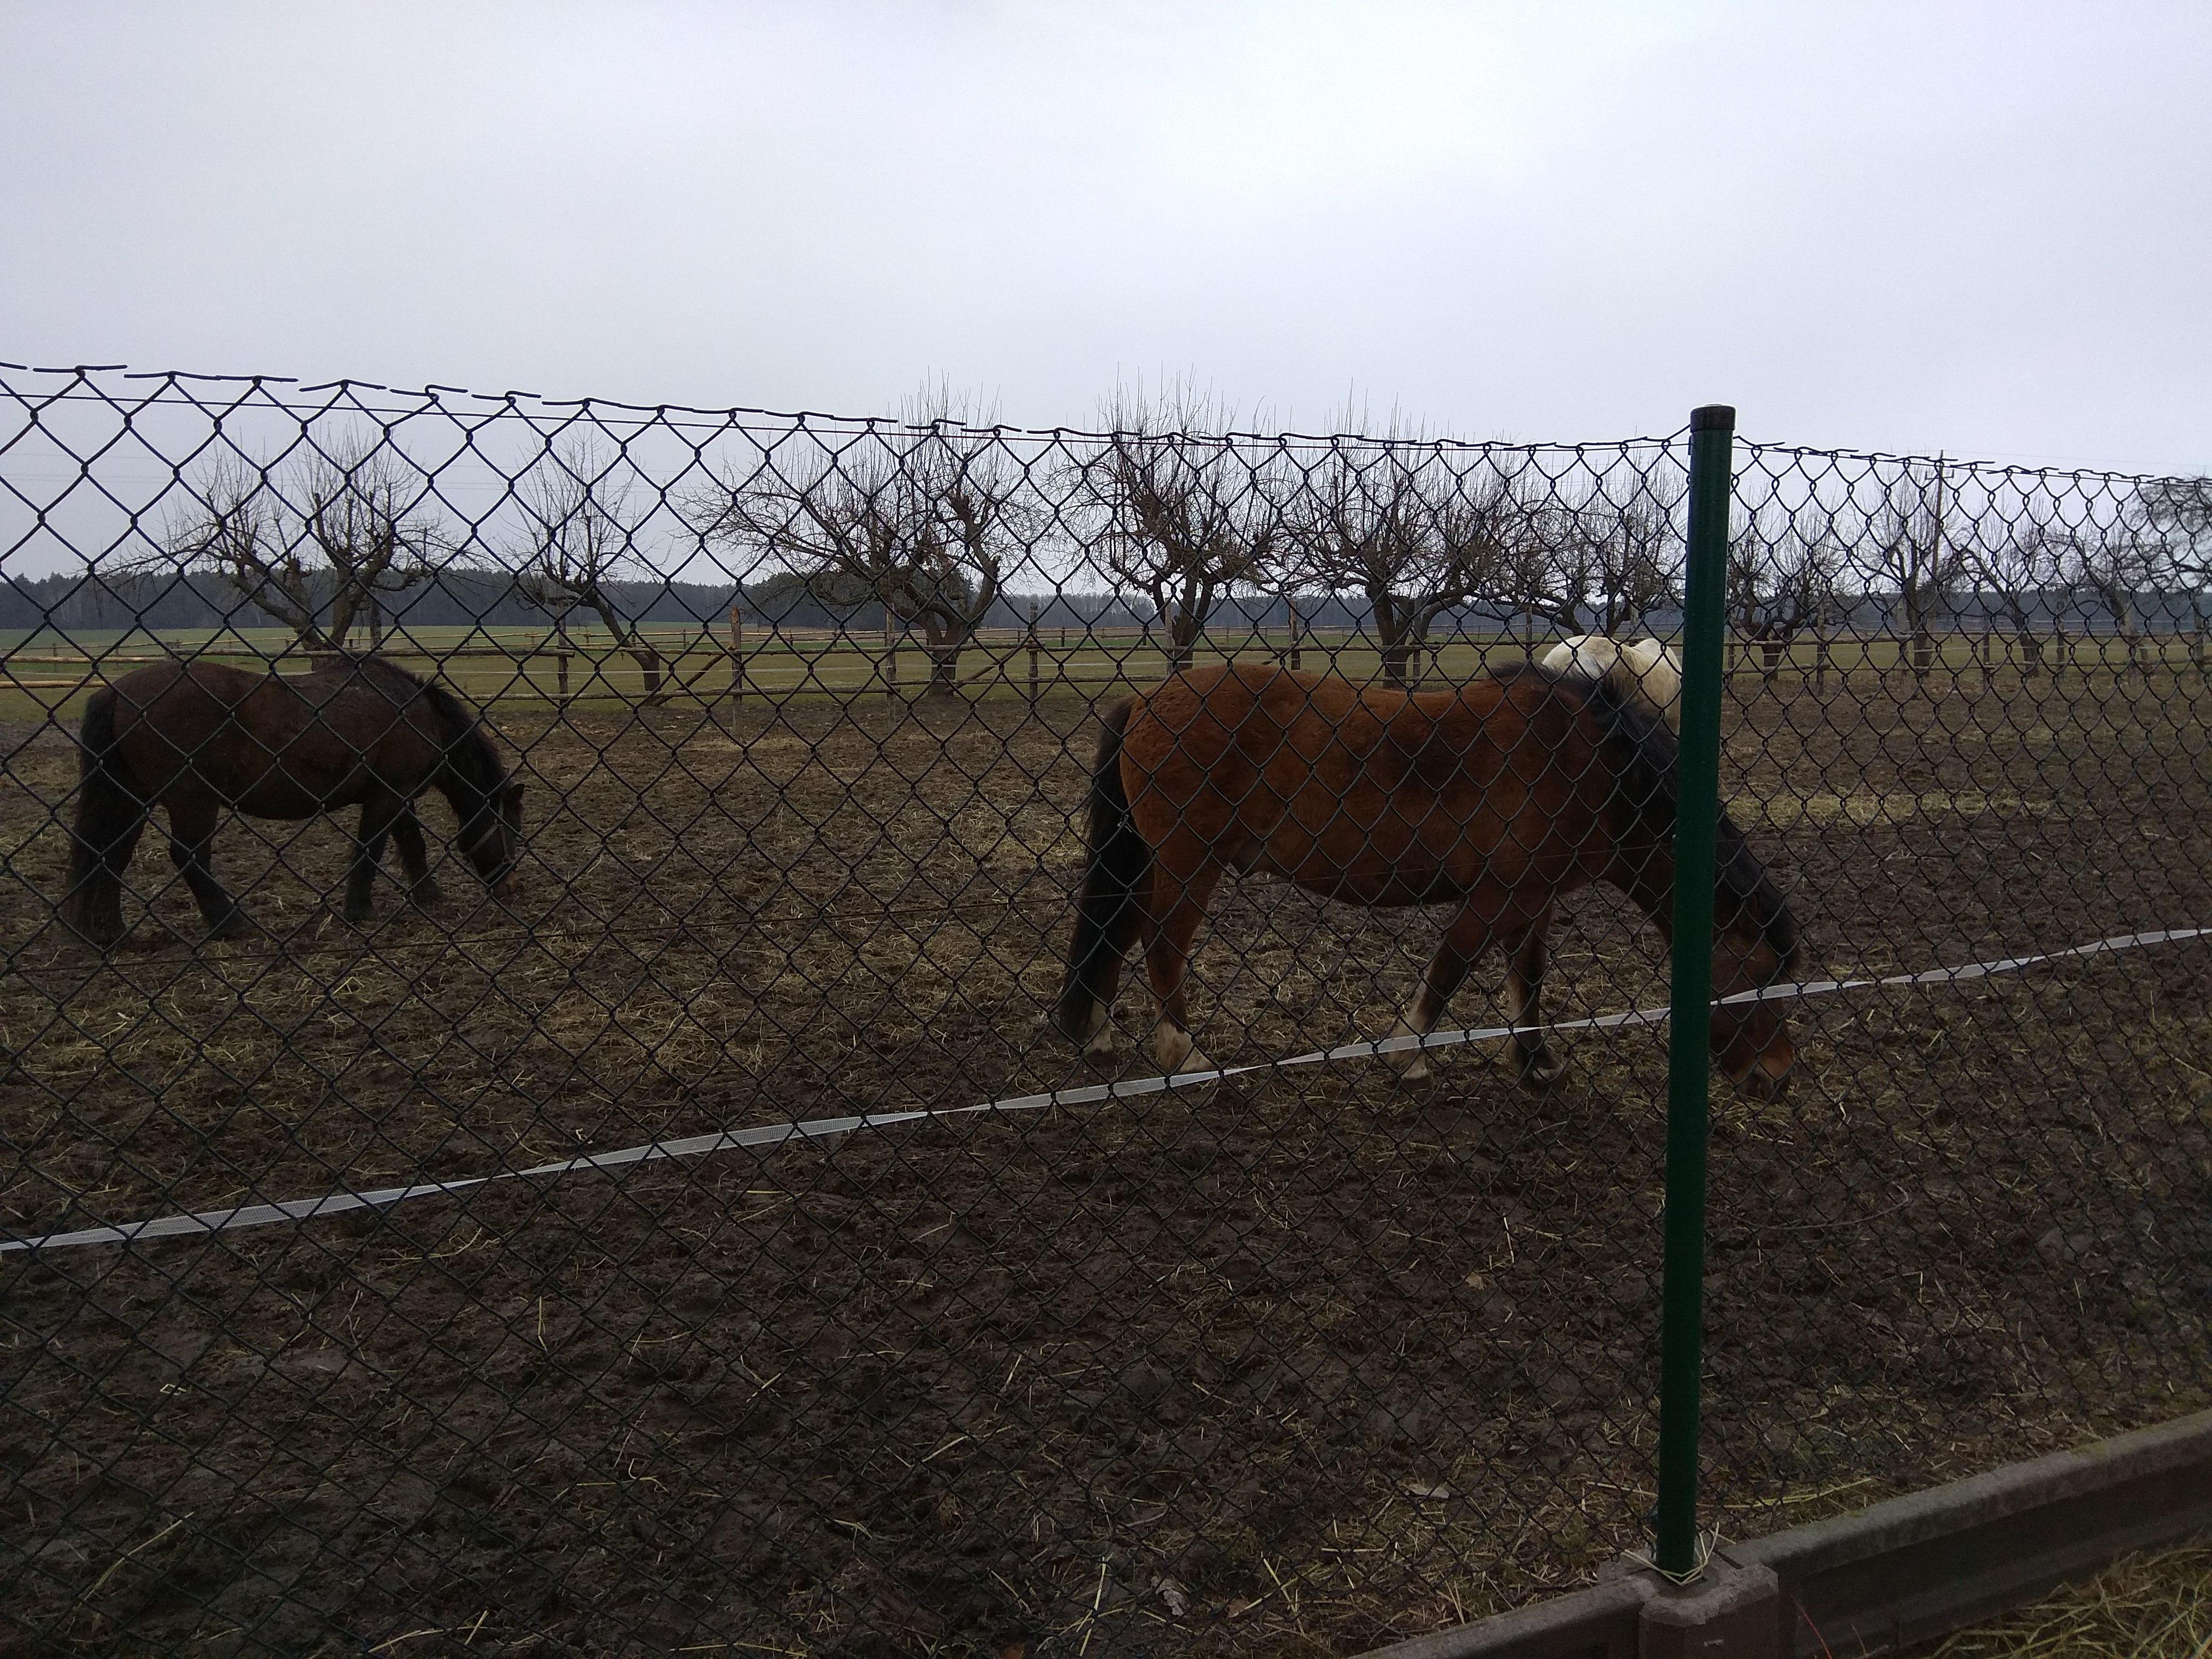 Konie na pastwisku ogrodzonym metalową siatką. W oddali pojedyncze, niewysokie drzewa bez liści.